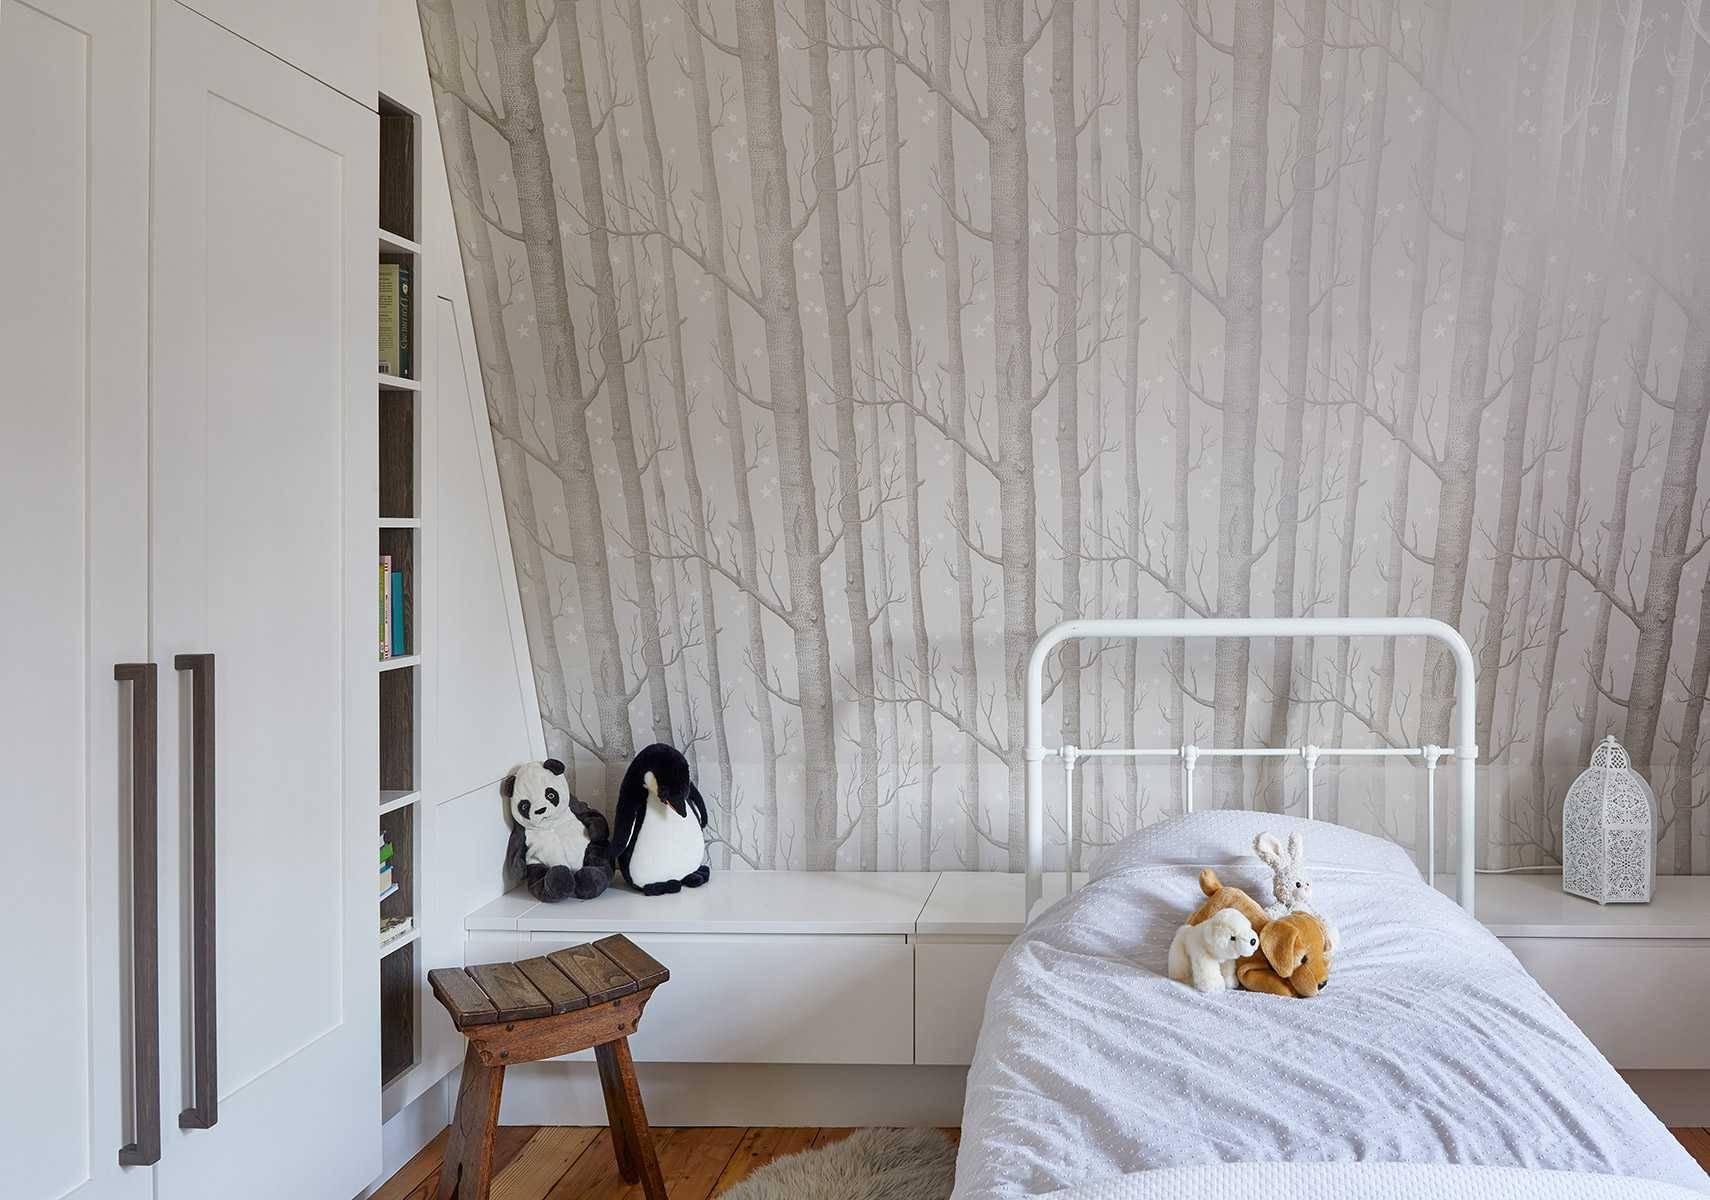 wallpaper feature wall 5aaffc028e1b6e b5abd